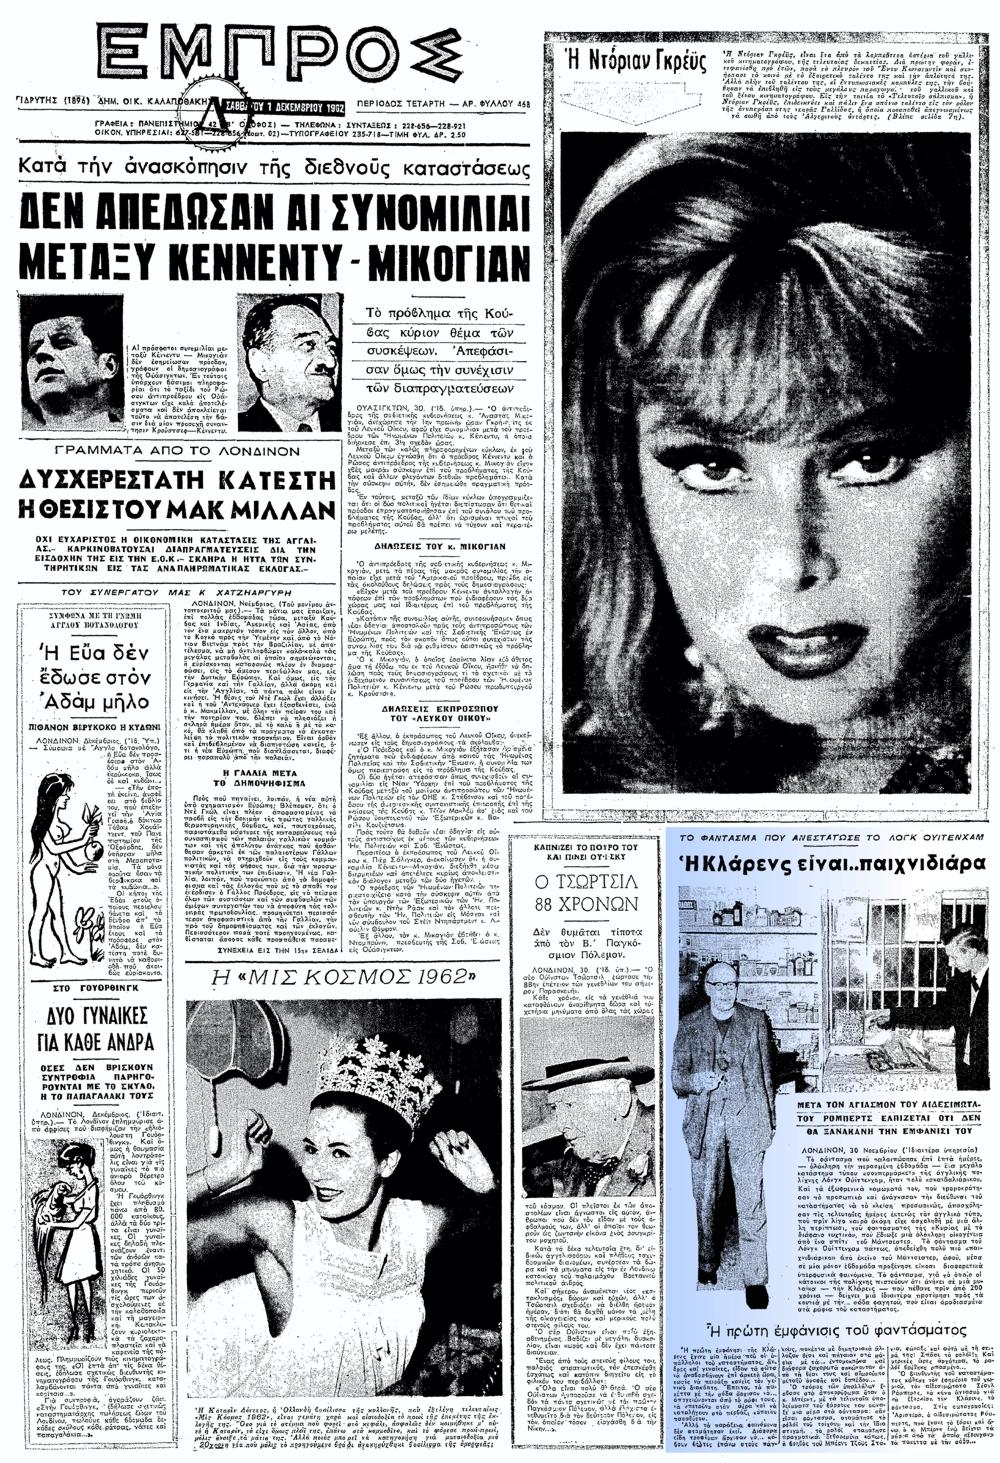 """Το άρθρο, όπως δημοσιεύθηκε στην εφημερίδα """"ΕΜΠΡΟΣ"""", στις 01/12/1962"""